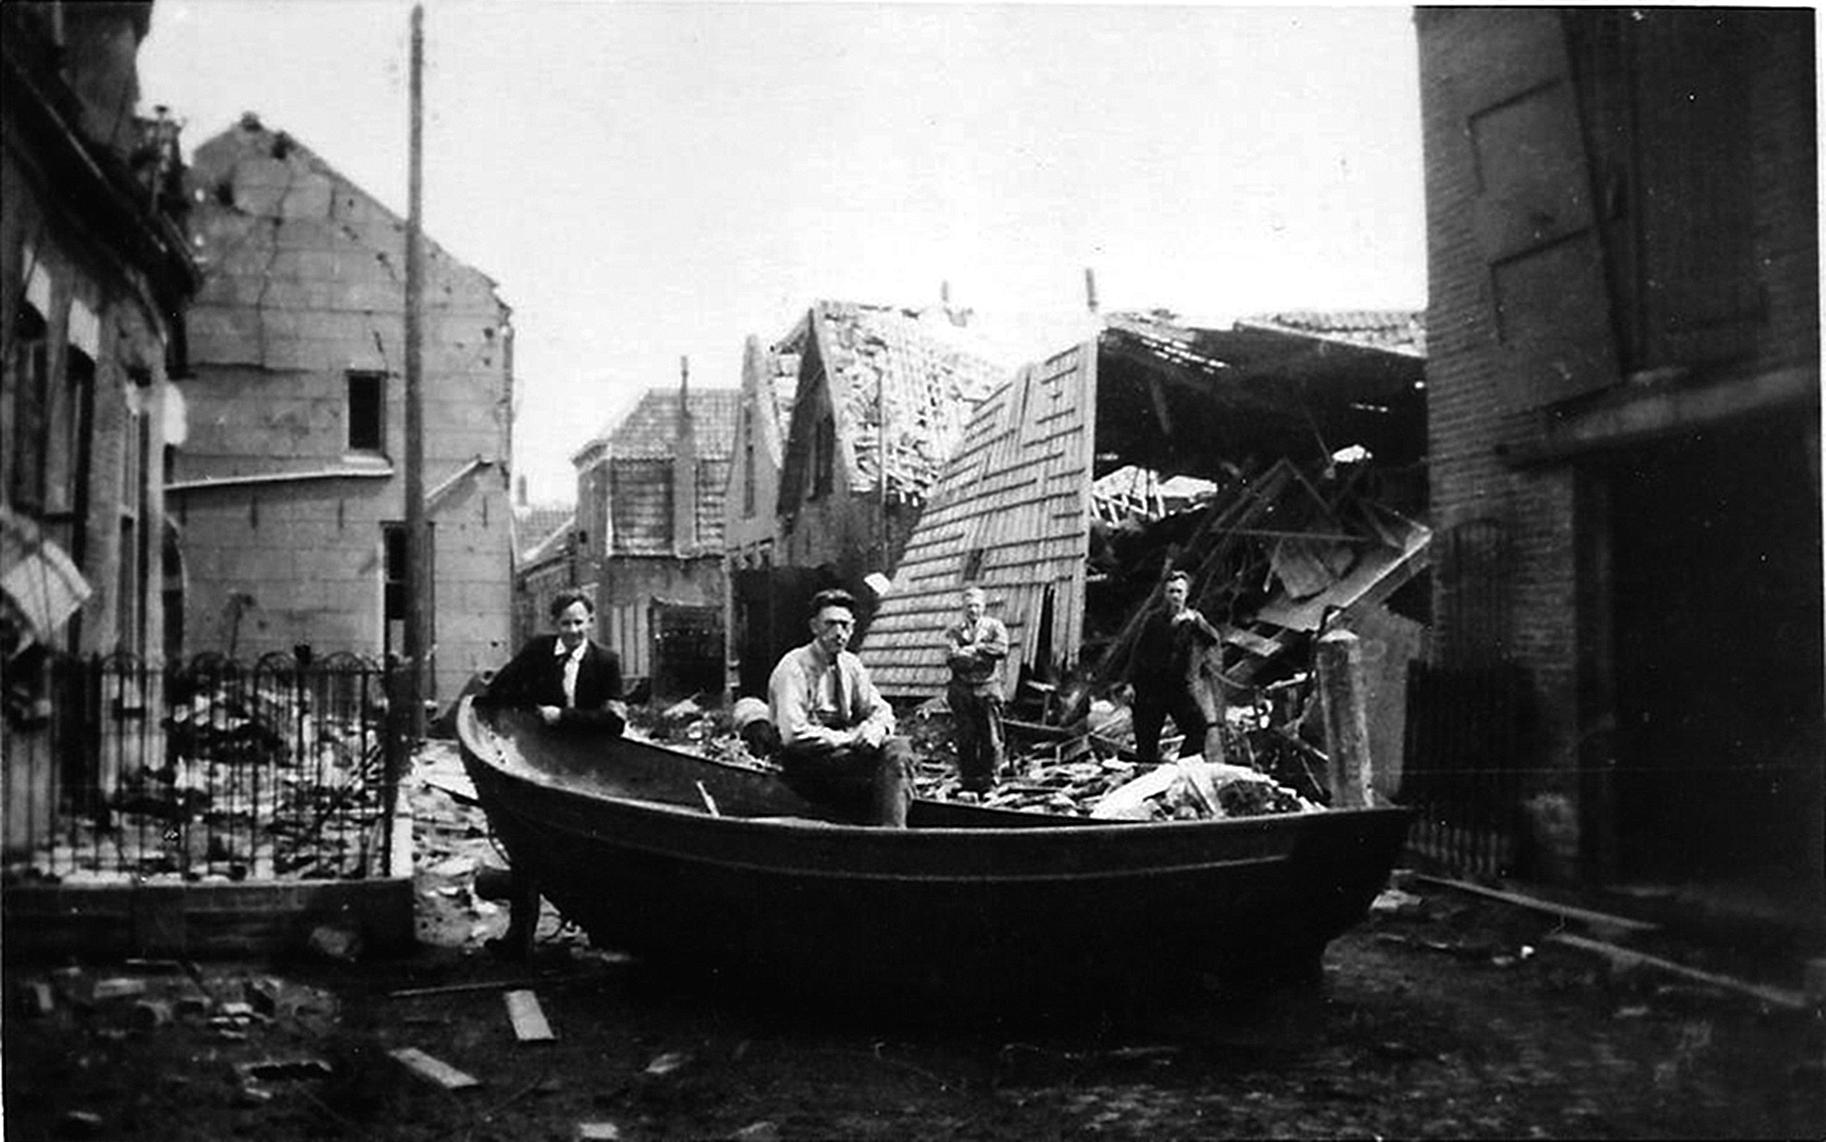 Bruenaars inspecteren de schade na het bombardement van 5 januari 1945 (Brusea).